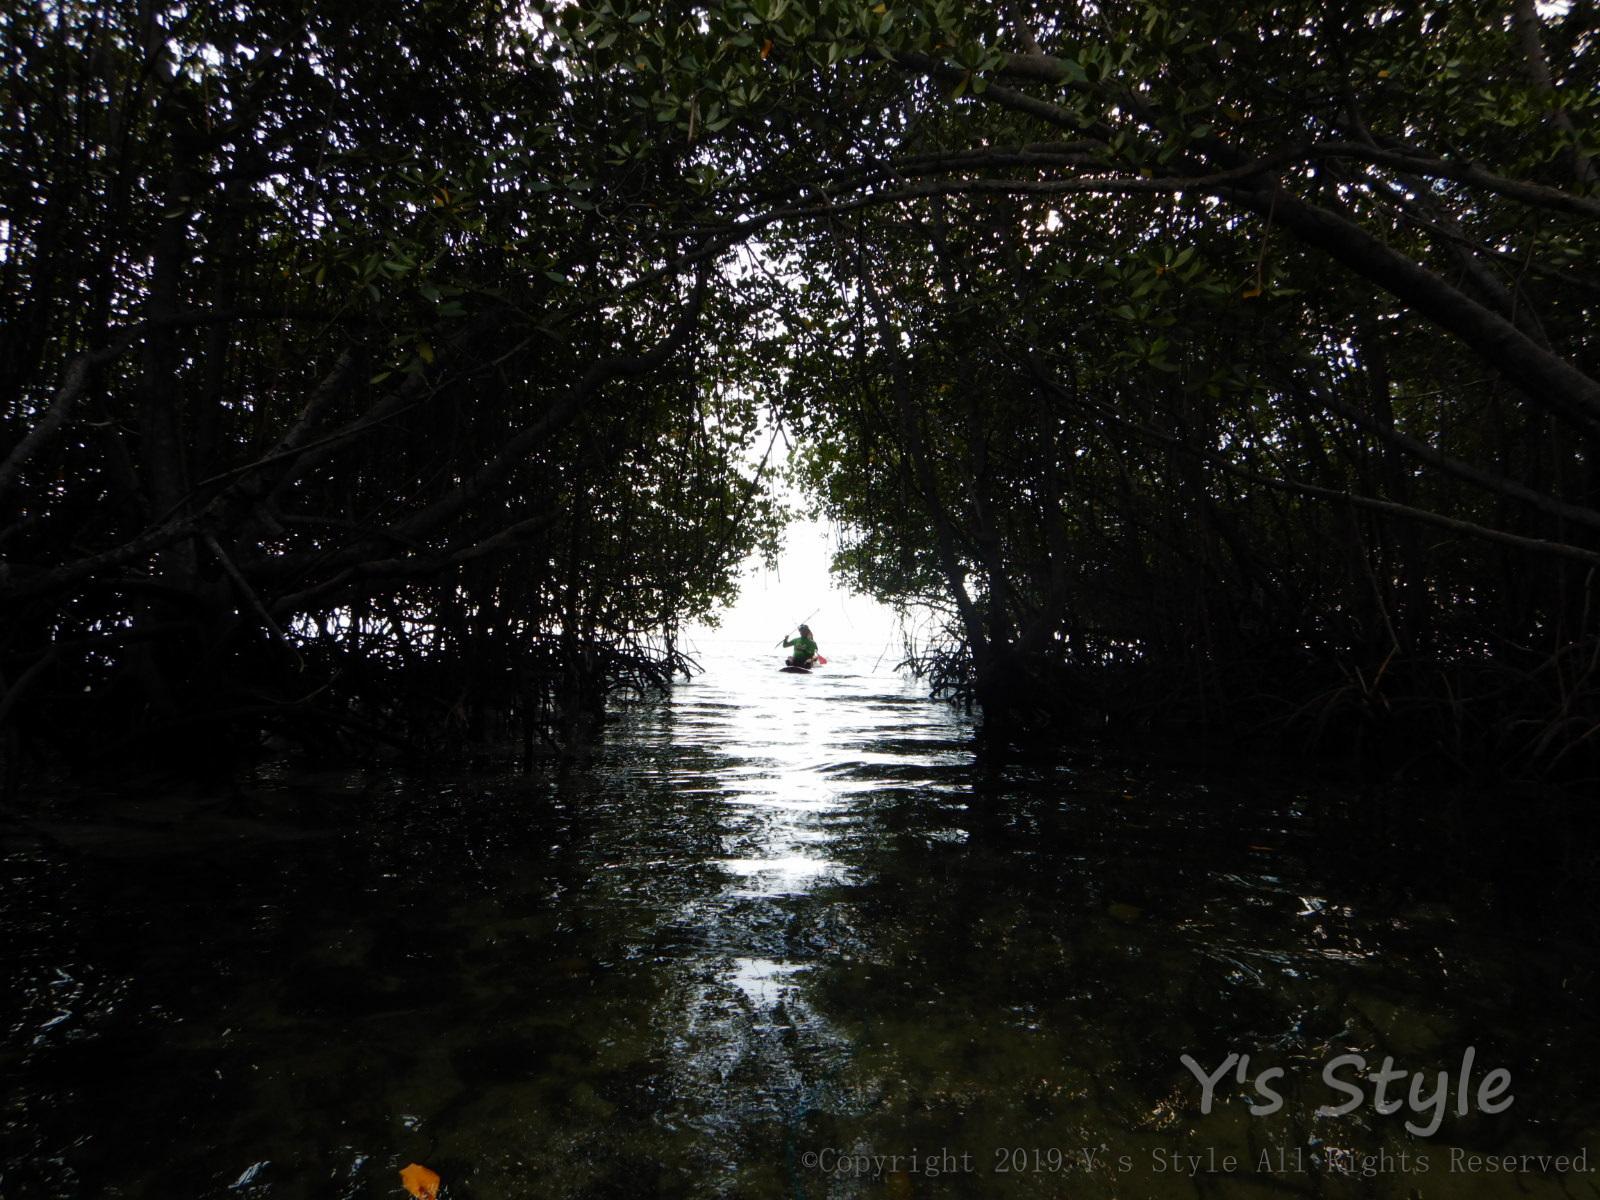 令和元年はバリ島へ!レンボンガン島でSUP&シュノーケル